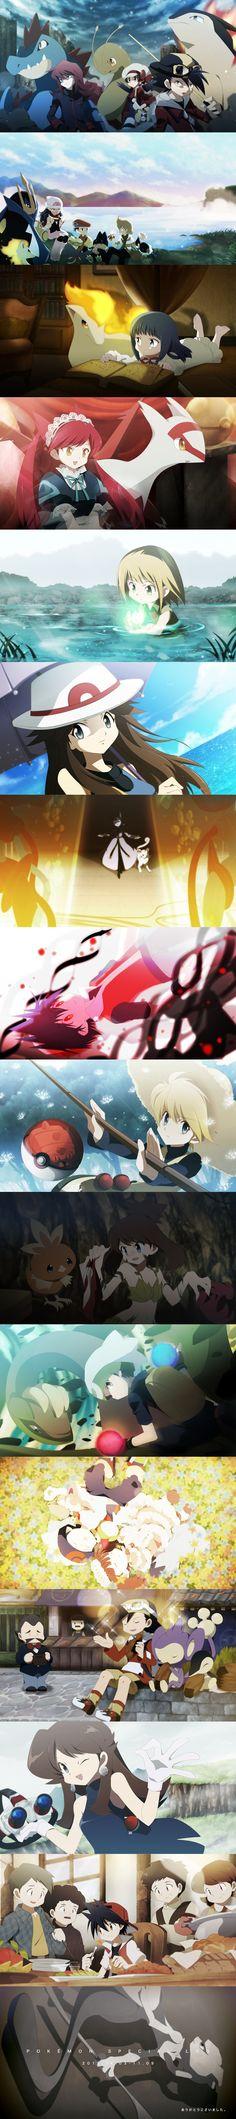 Gute Idee für ein Anime #MavisChan